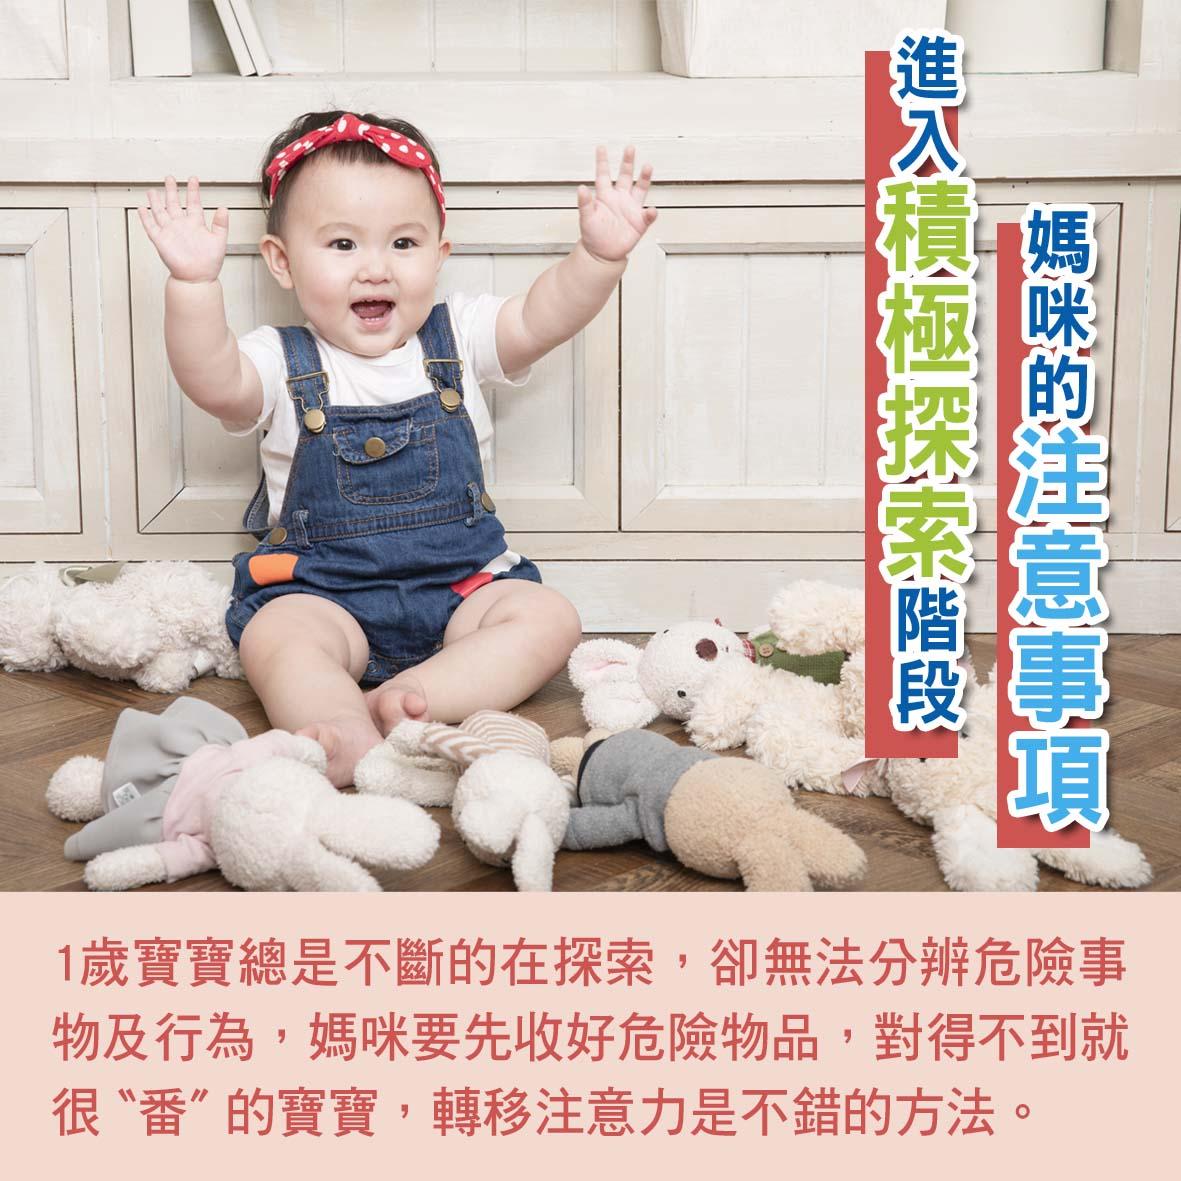 寶篇1歲第5~6週-進入積極探索階段 媽咪的注意事項